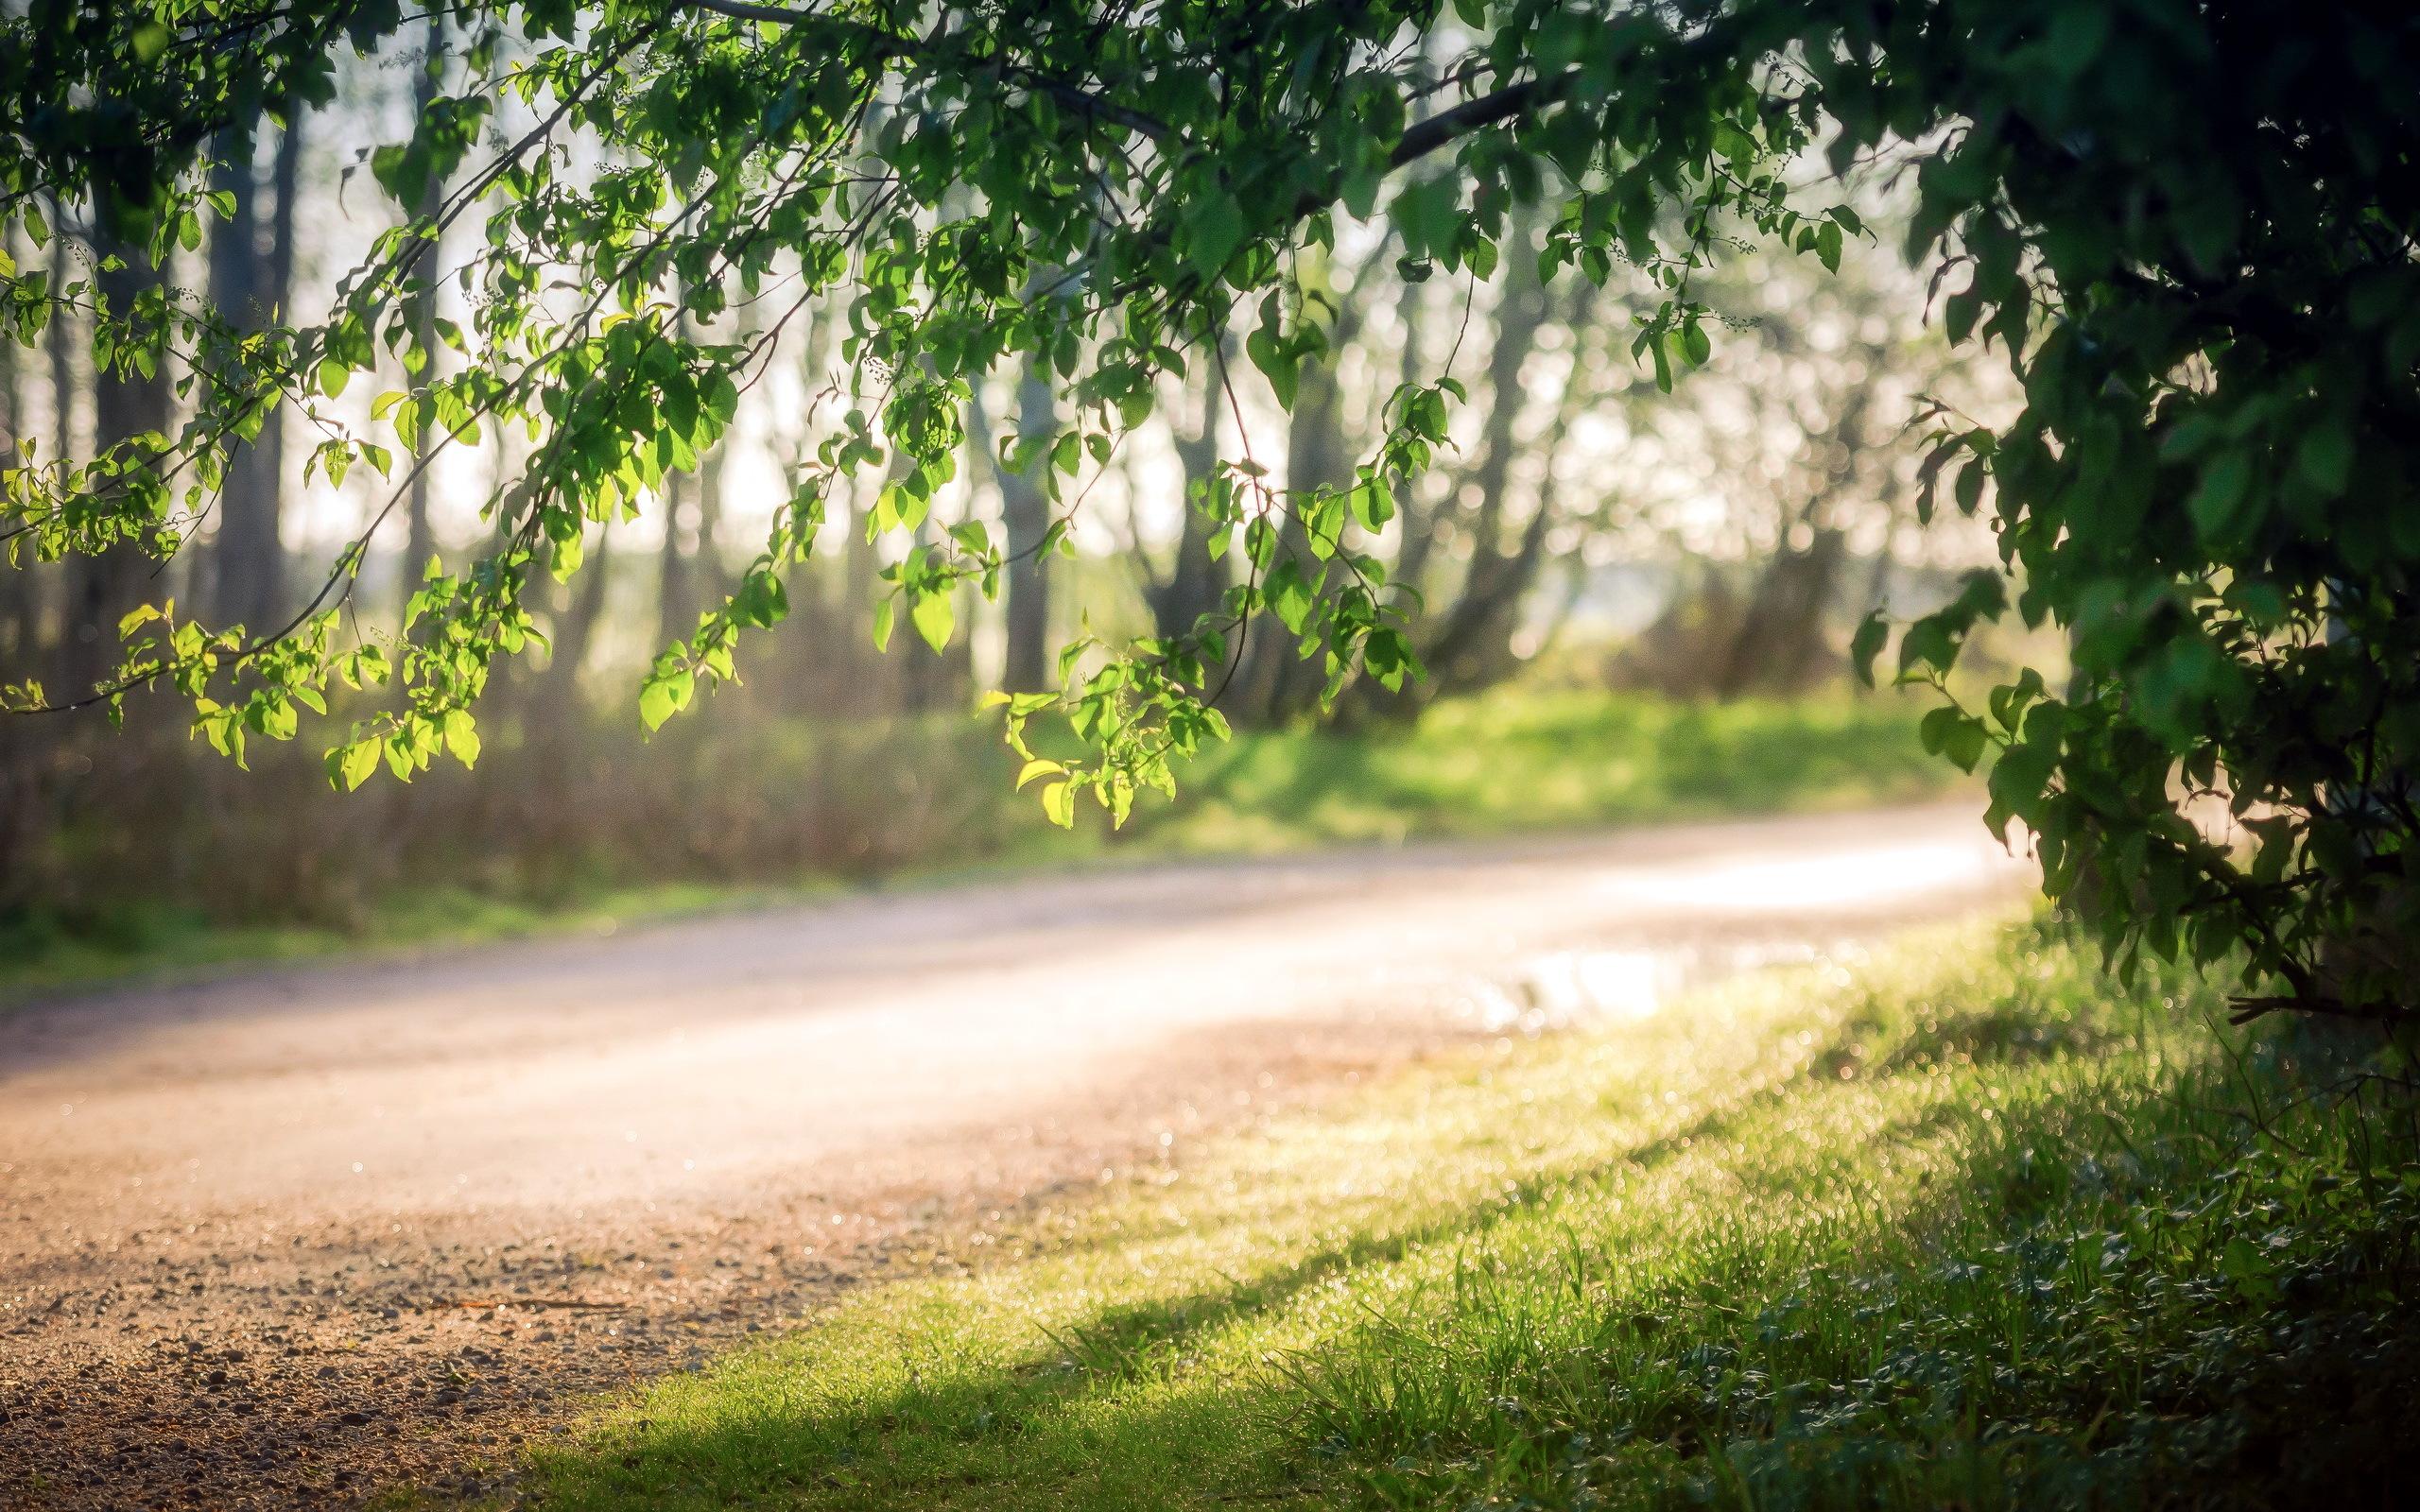 дорога, солнце, трава, деревья бесплатно